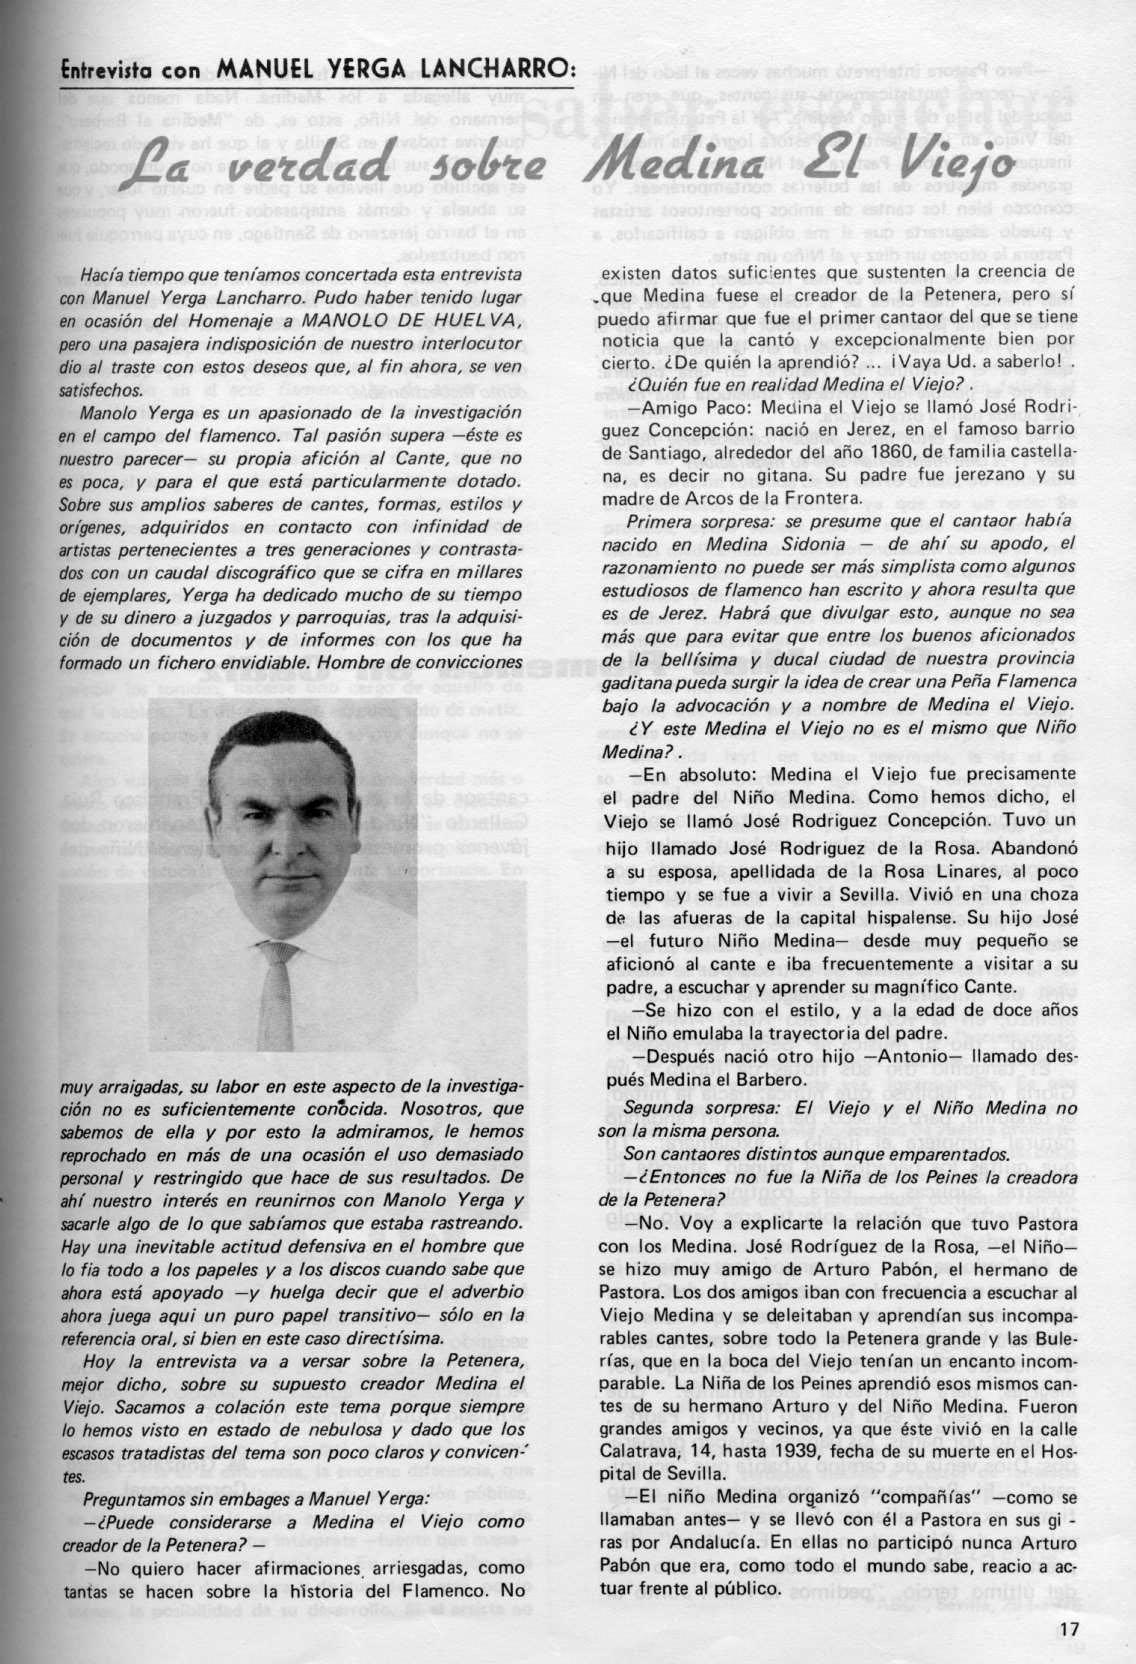 Manuel Yerga Lancharro enredando sobre Medina el Viejo en la revista Candil.